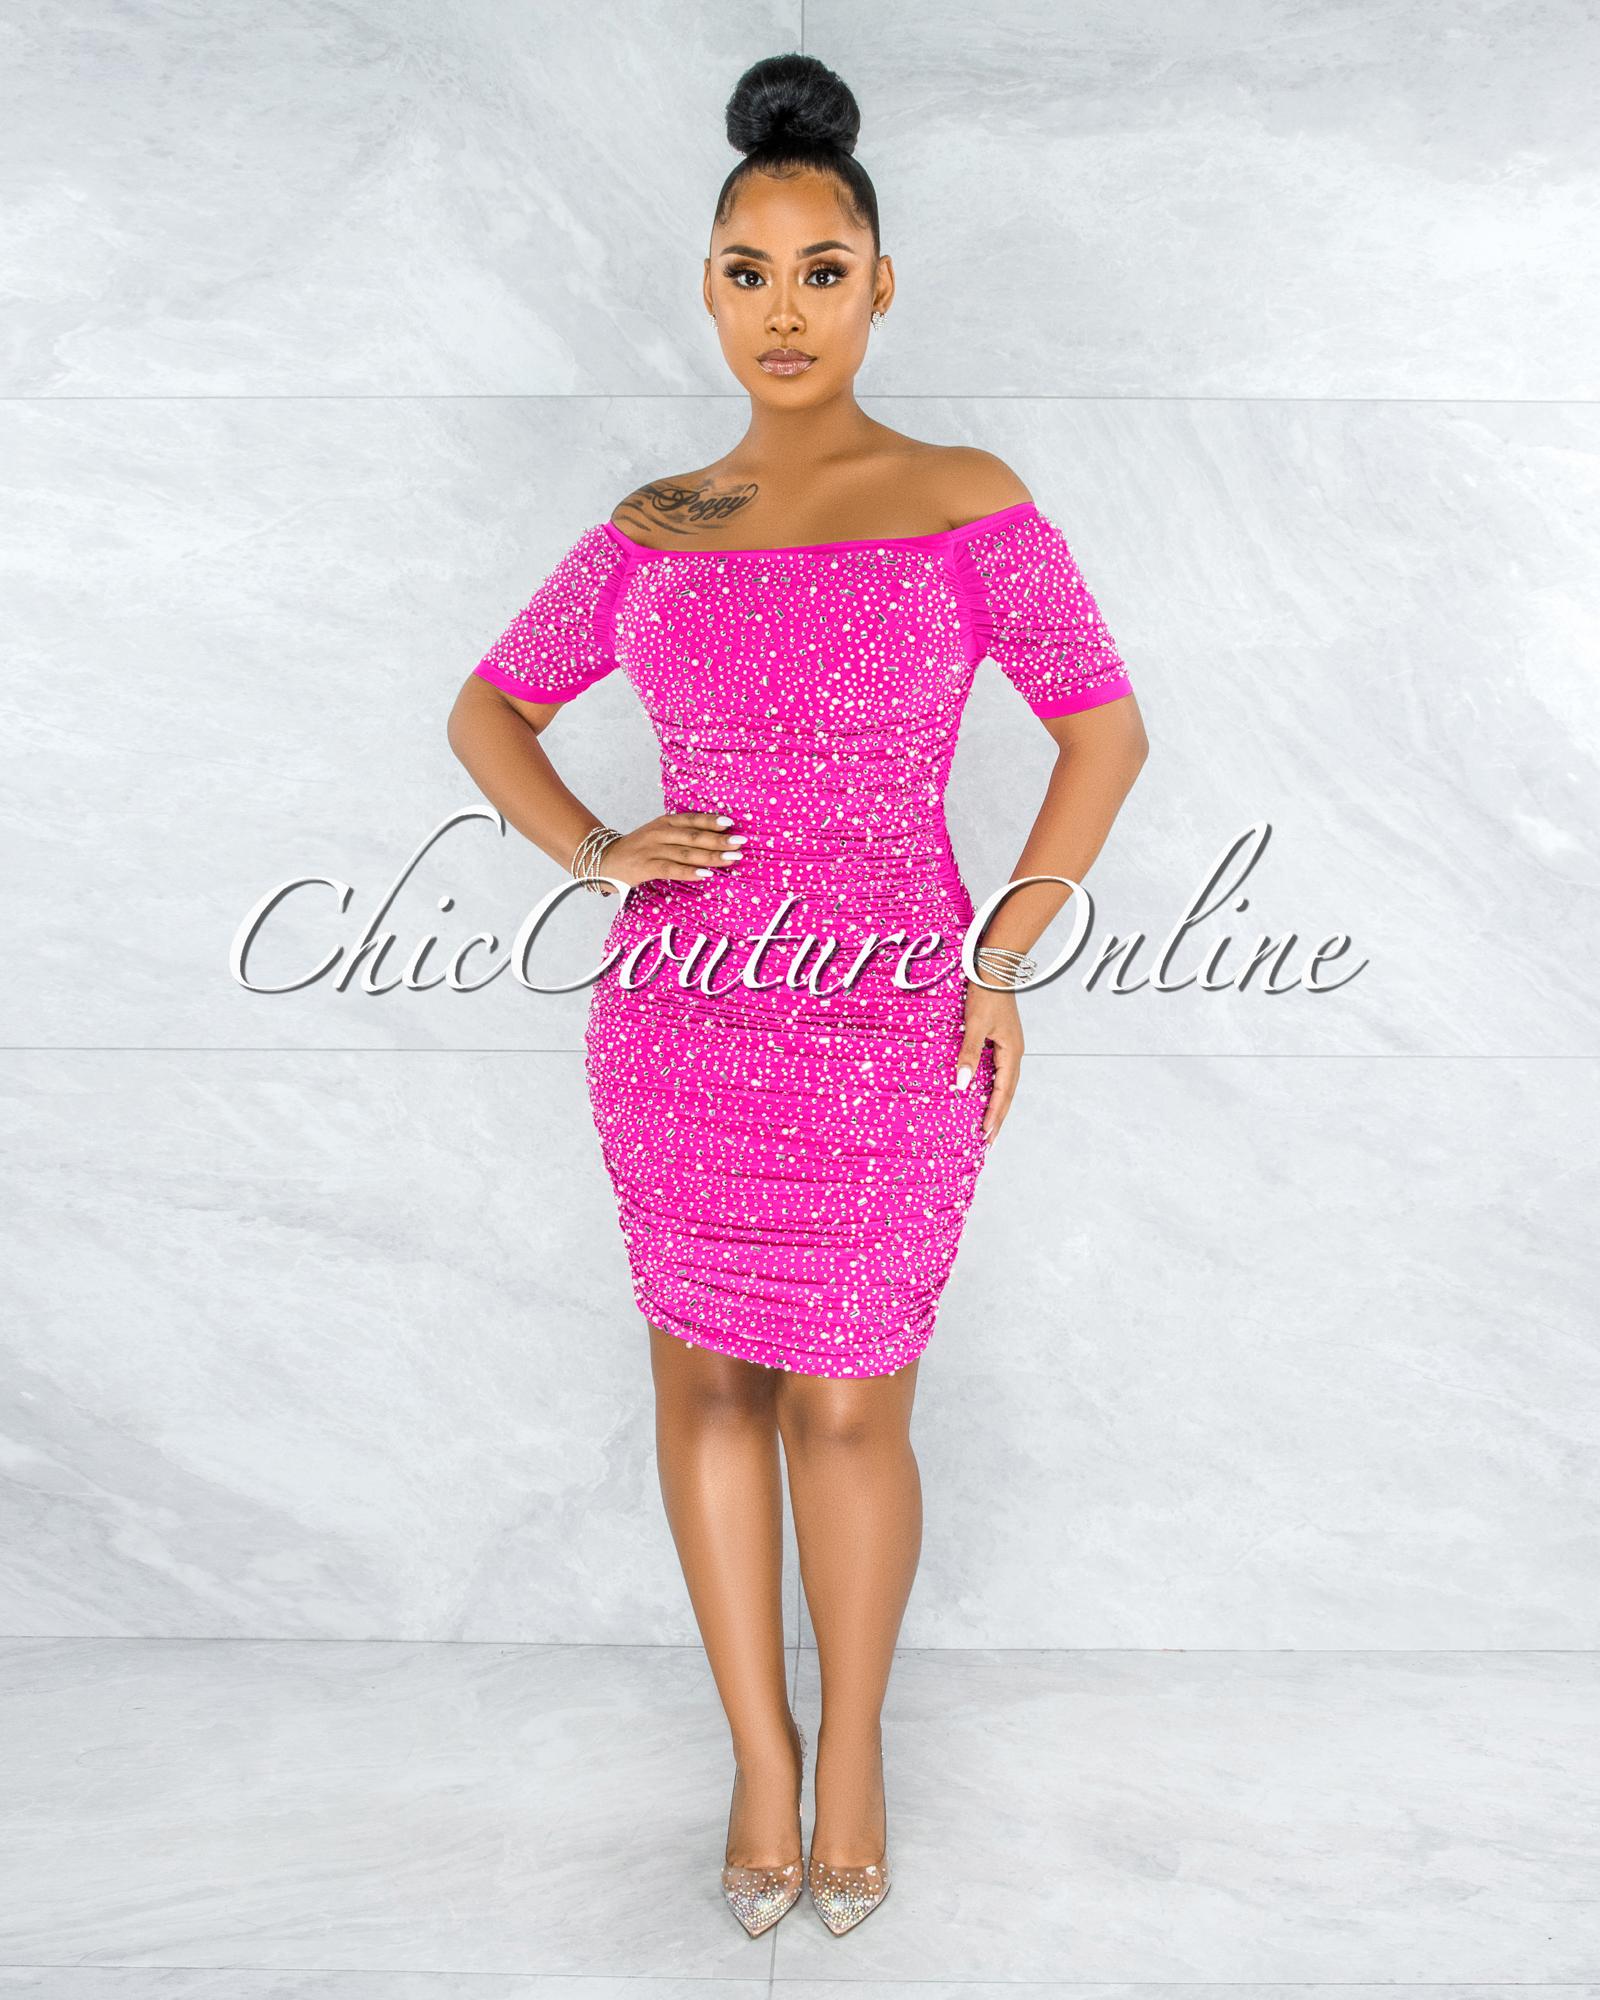 Berangari Hot Pink Rhinestones Bodice Ruched Dress